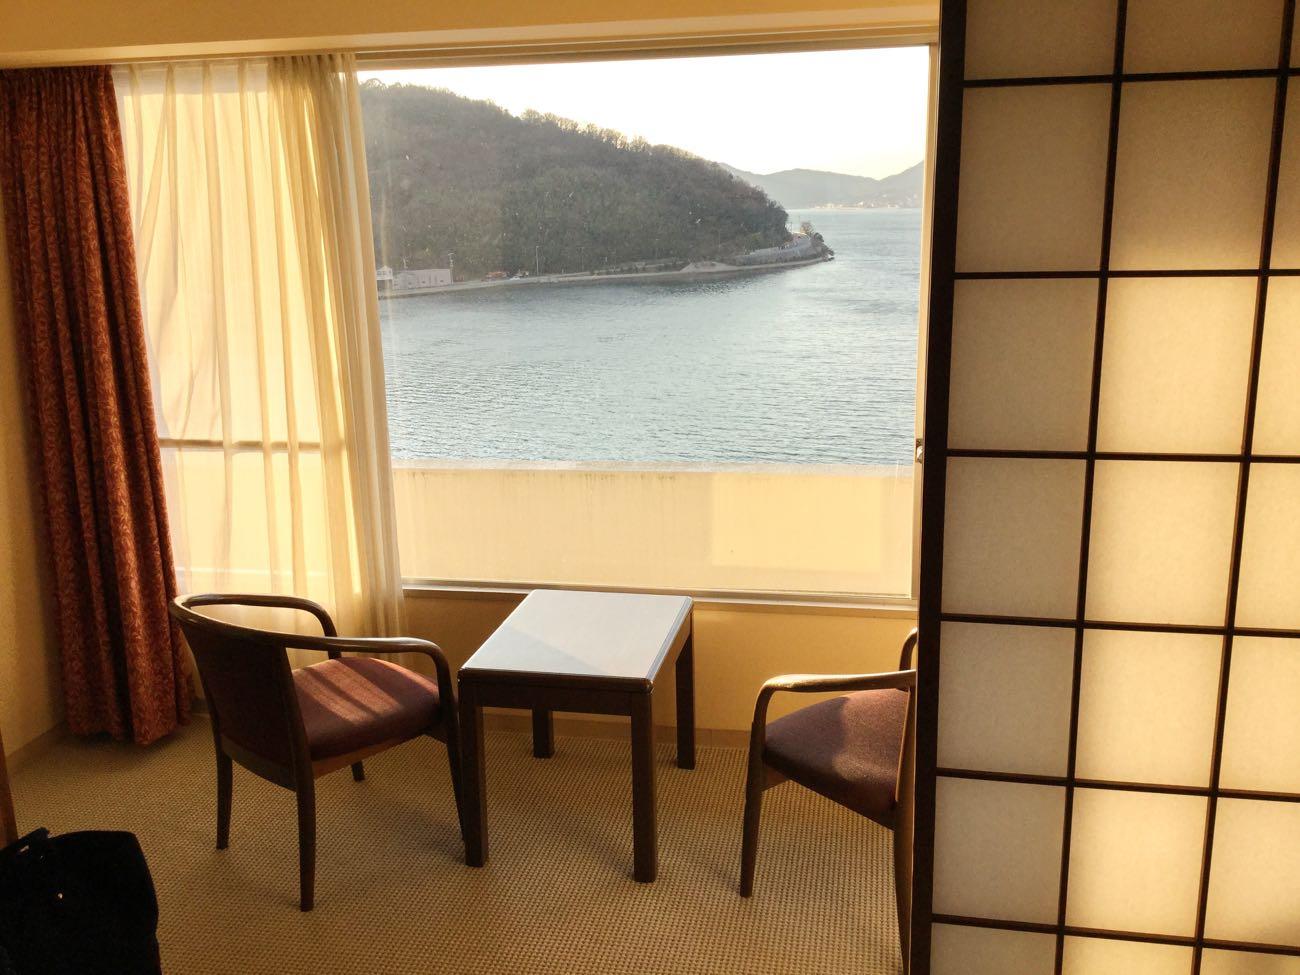 障子の向こう側の窓から見えるのは海!